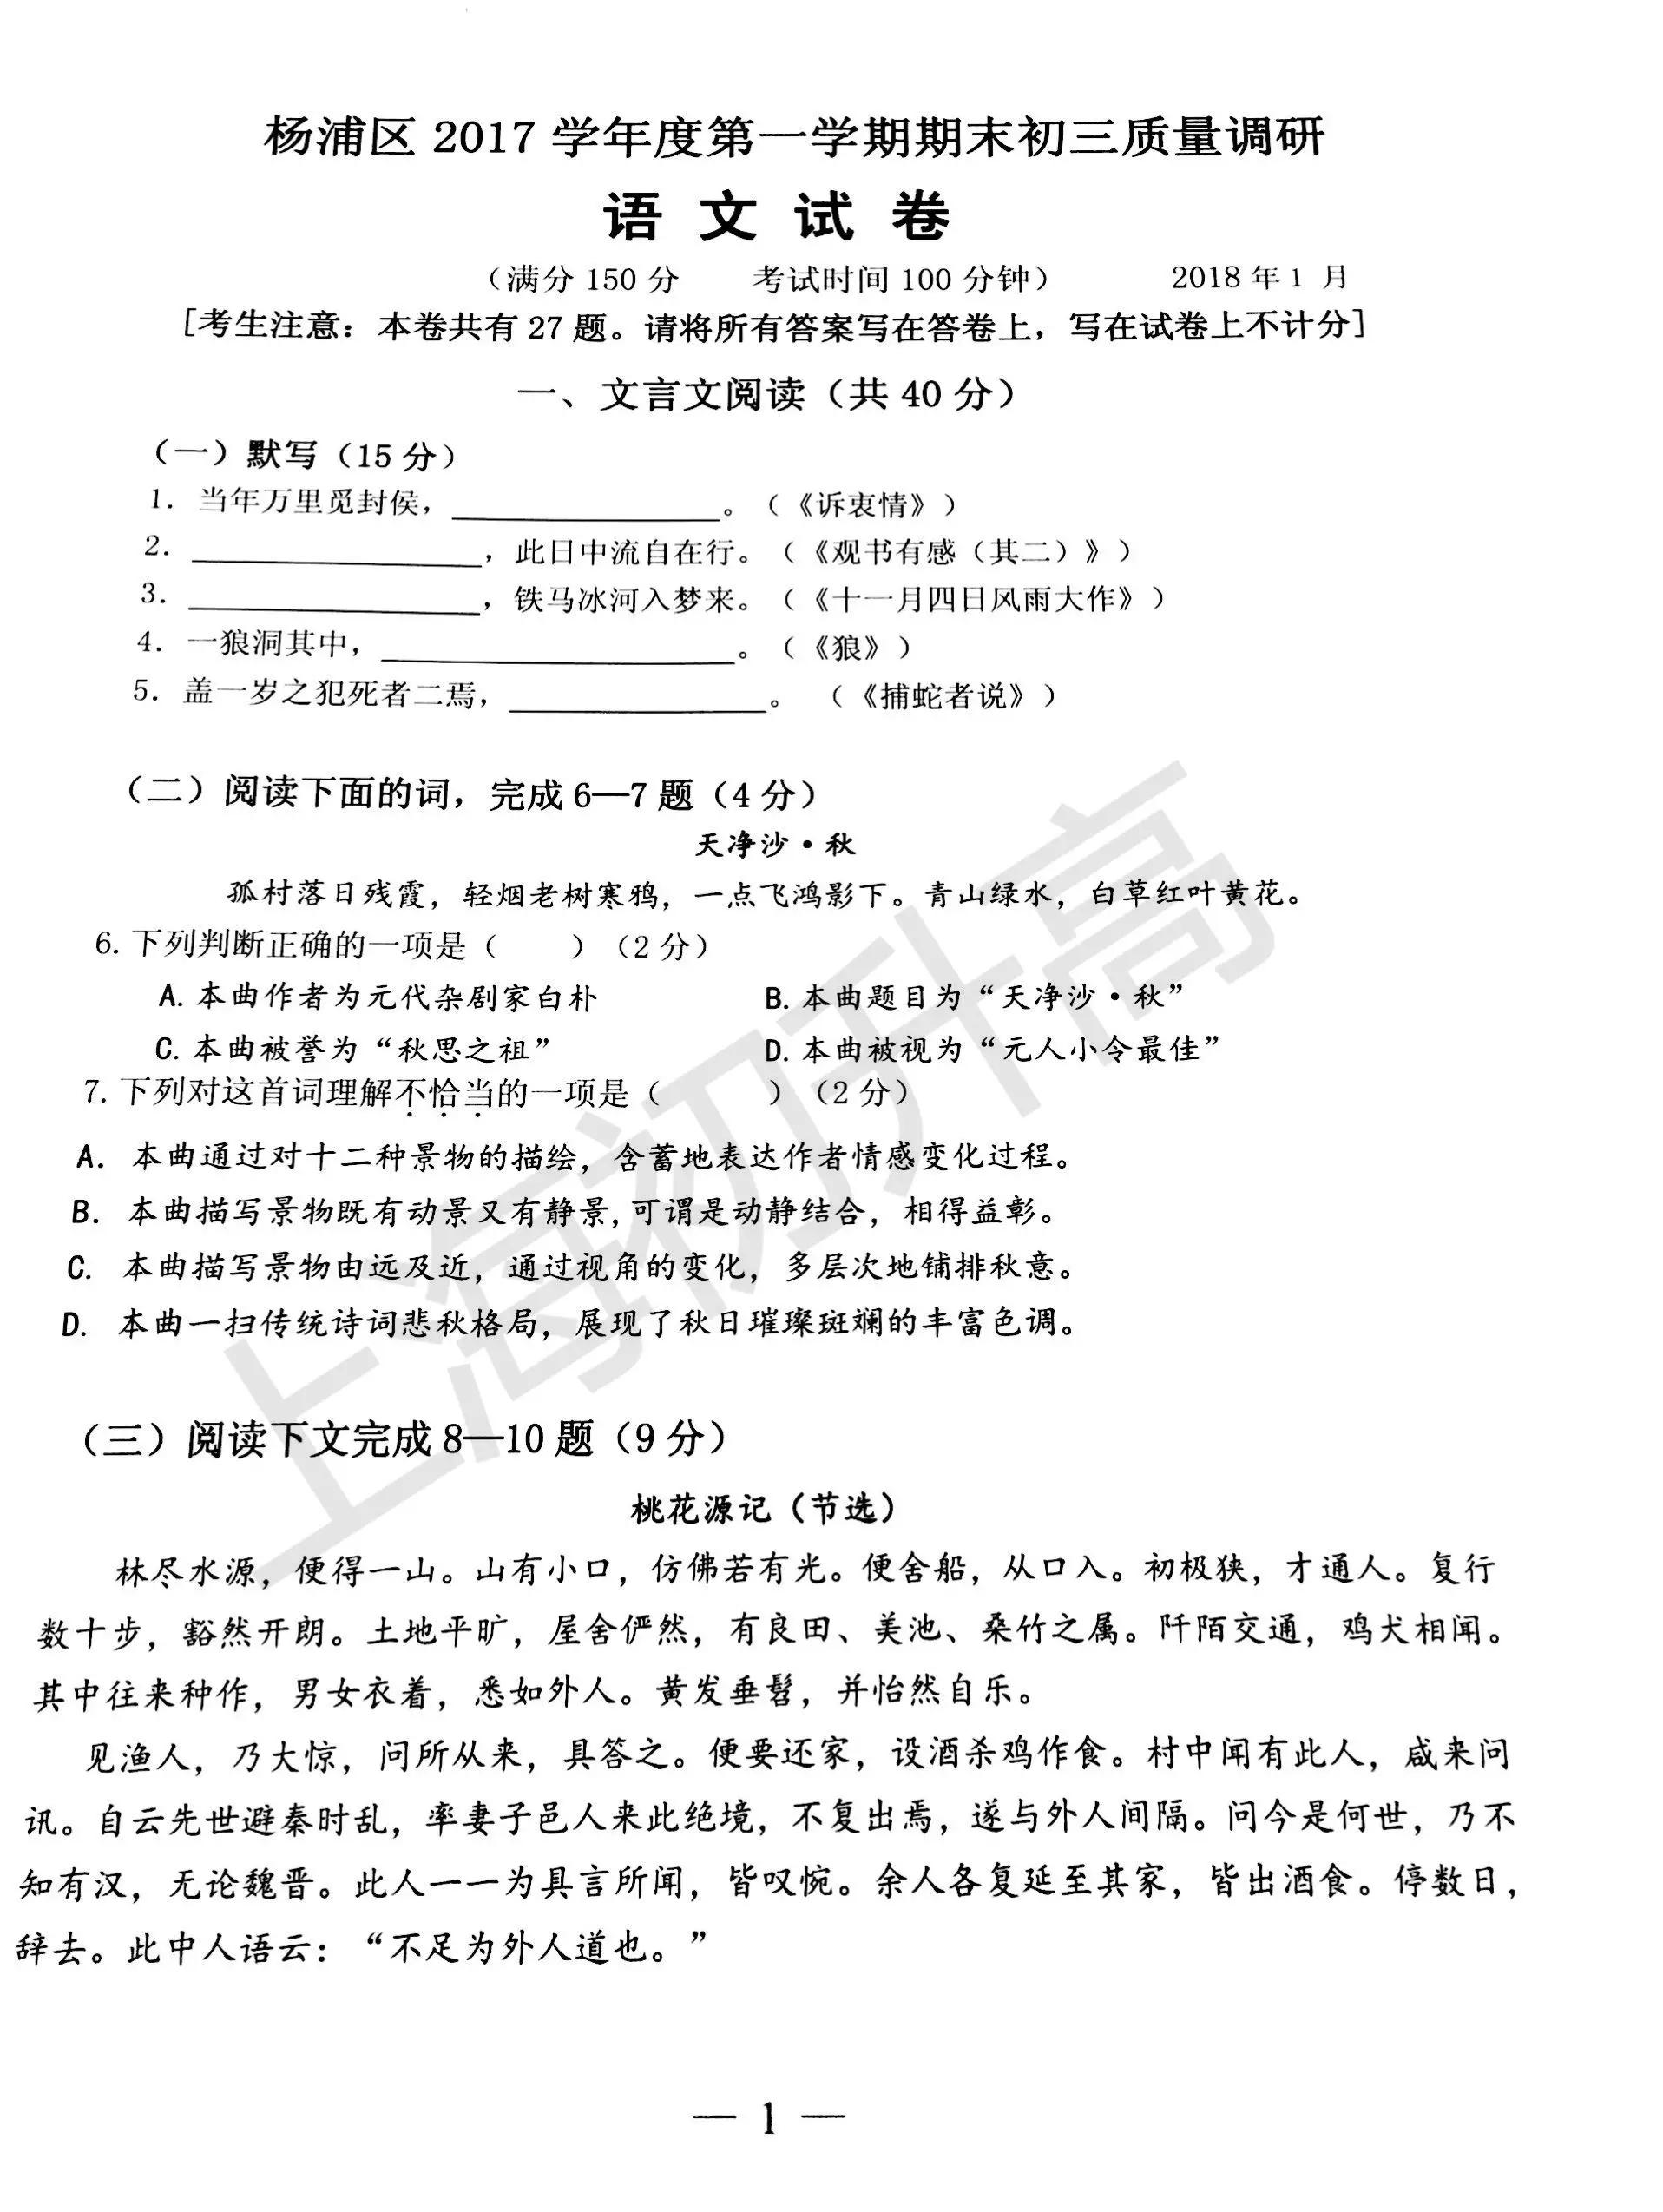 2018杨浦中考语文一模试题及答案(图片版)